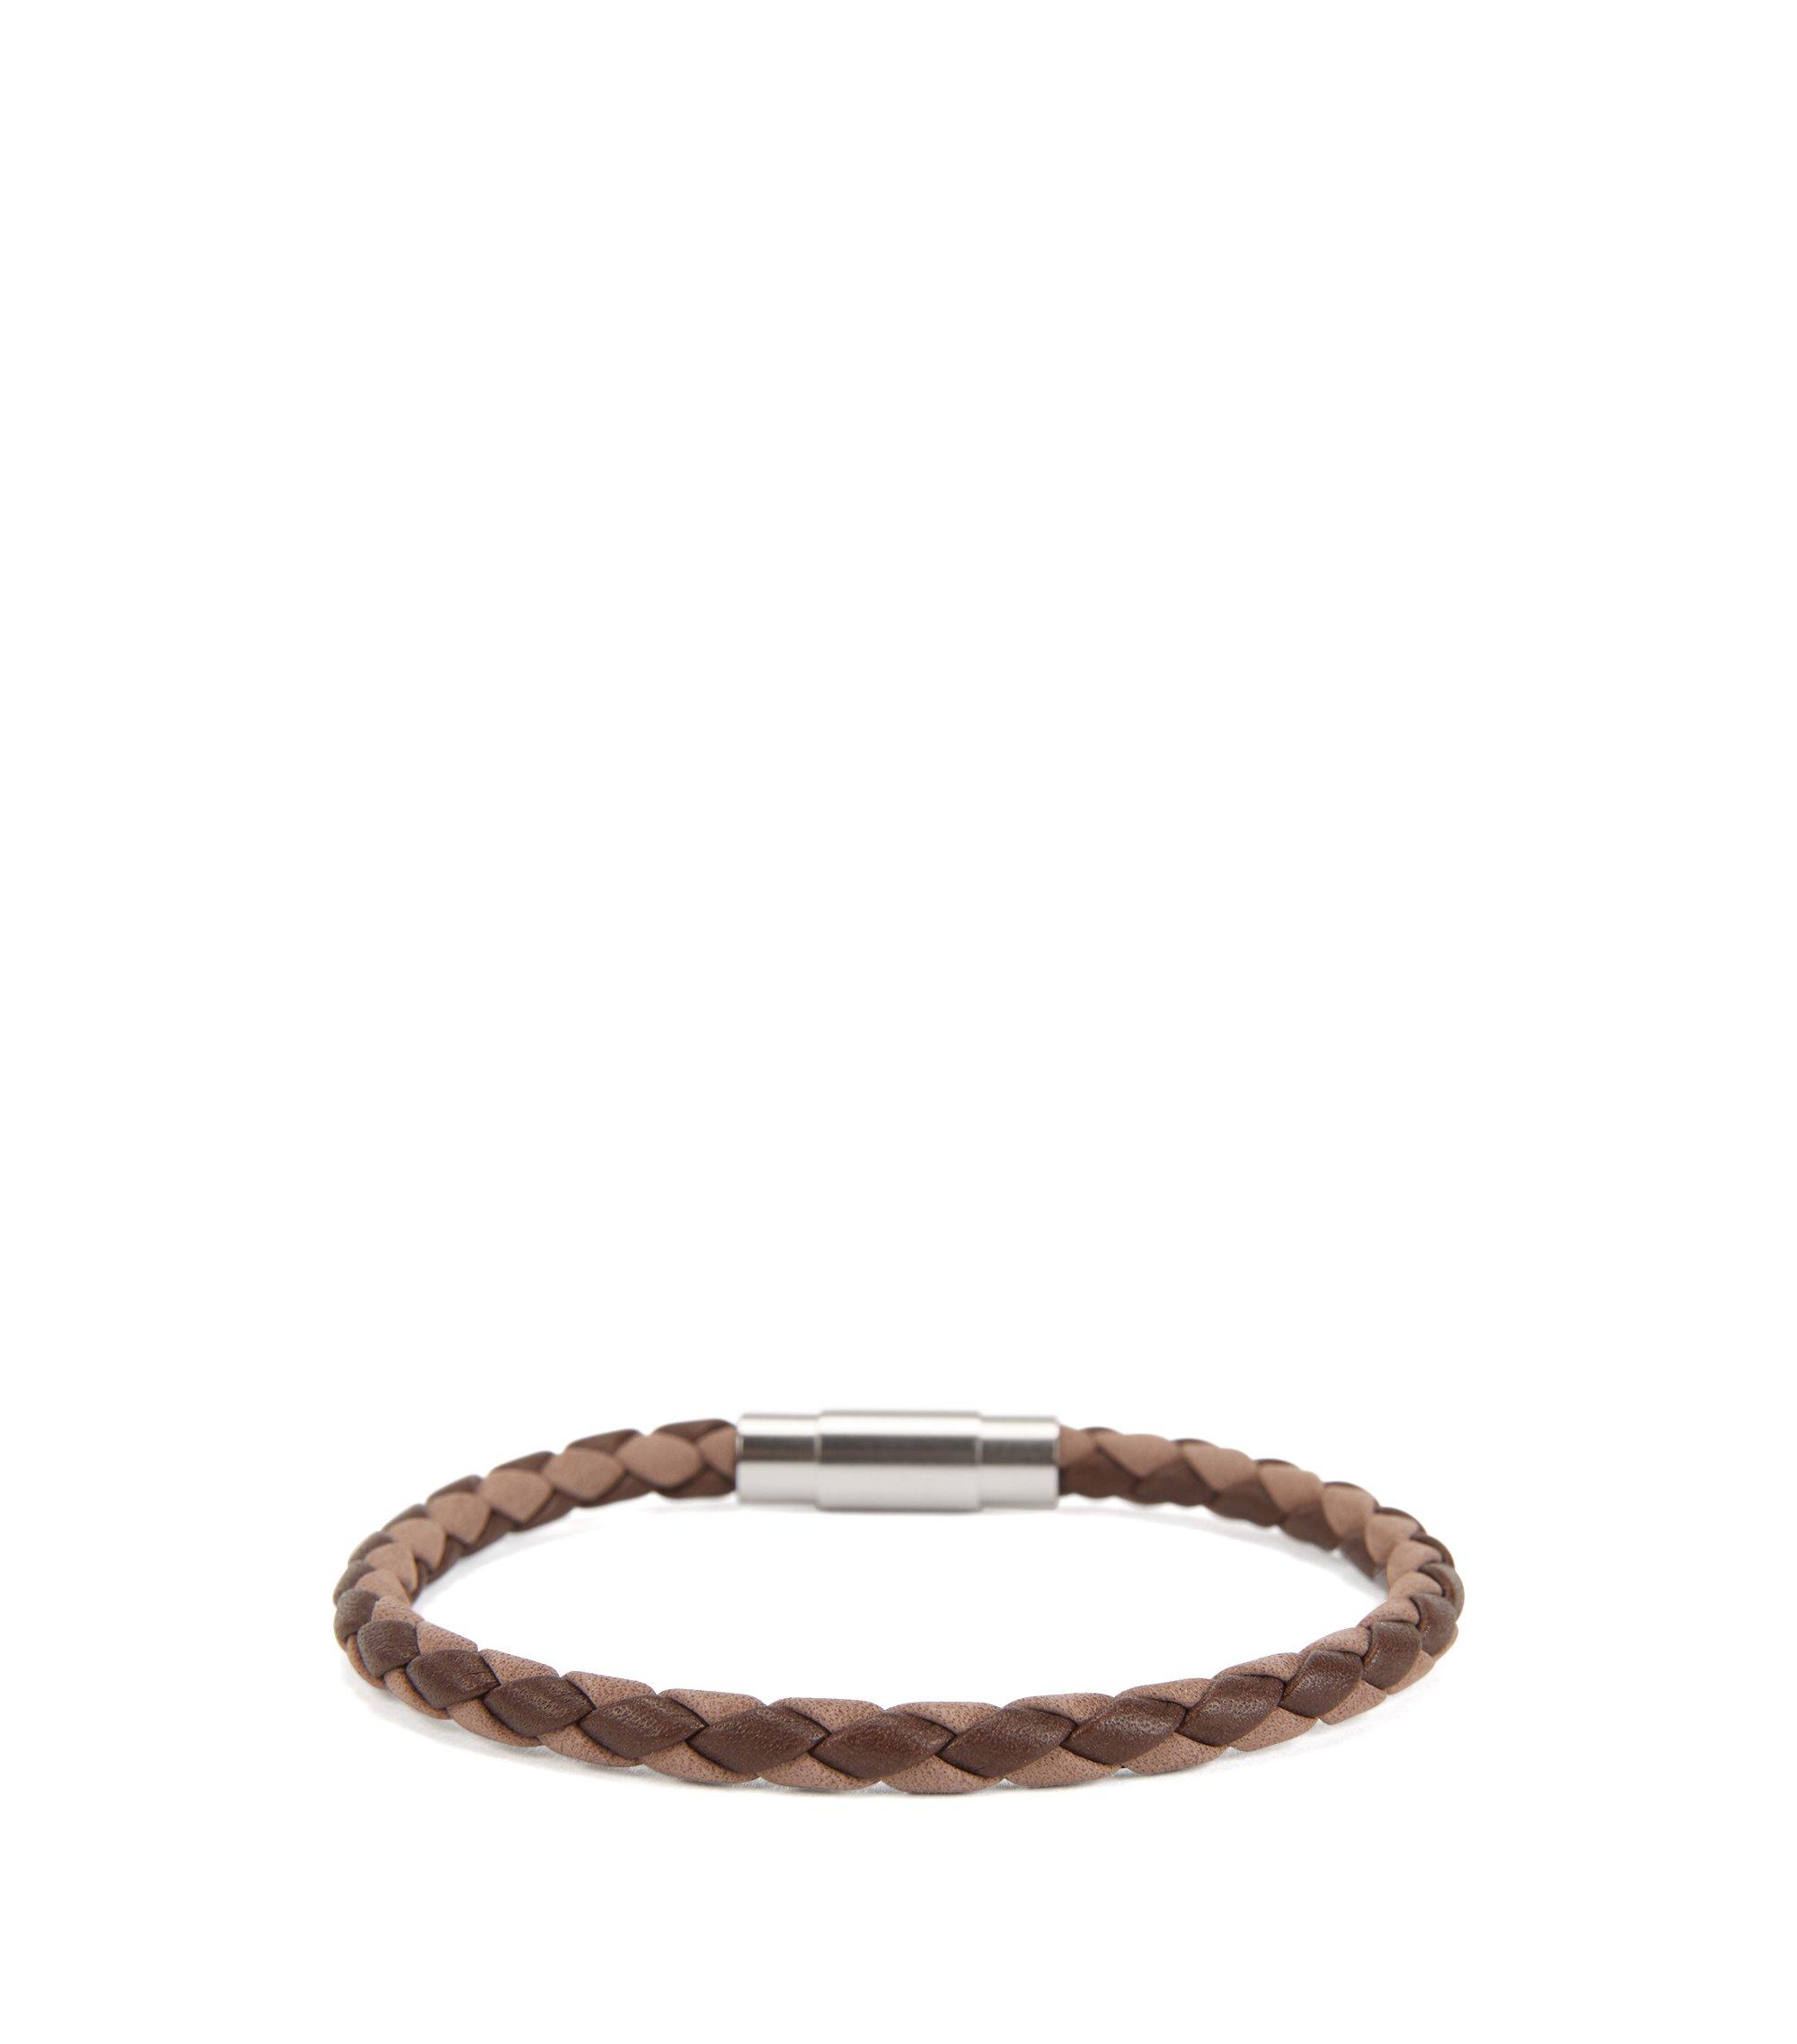 Bracelet confectionné en Italie en cuir de veau tissé, Marron